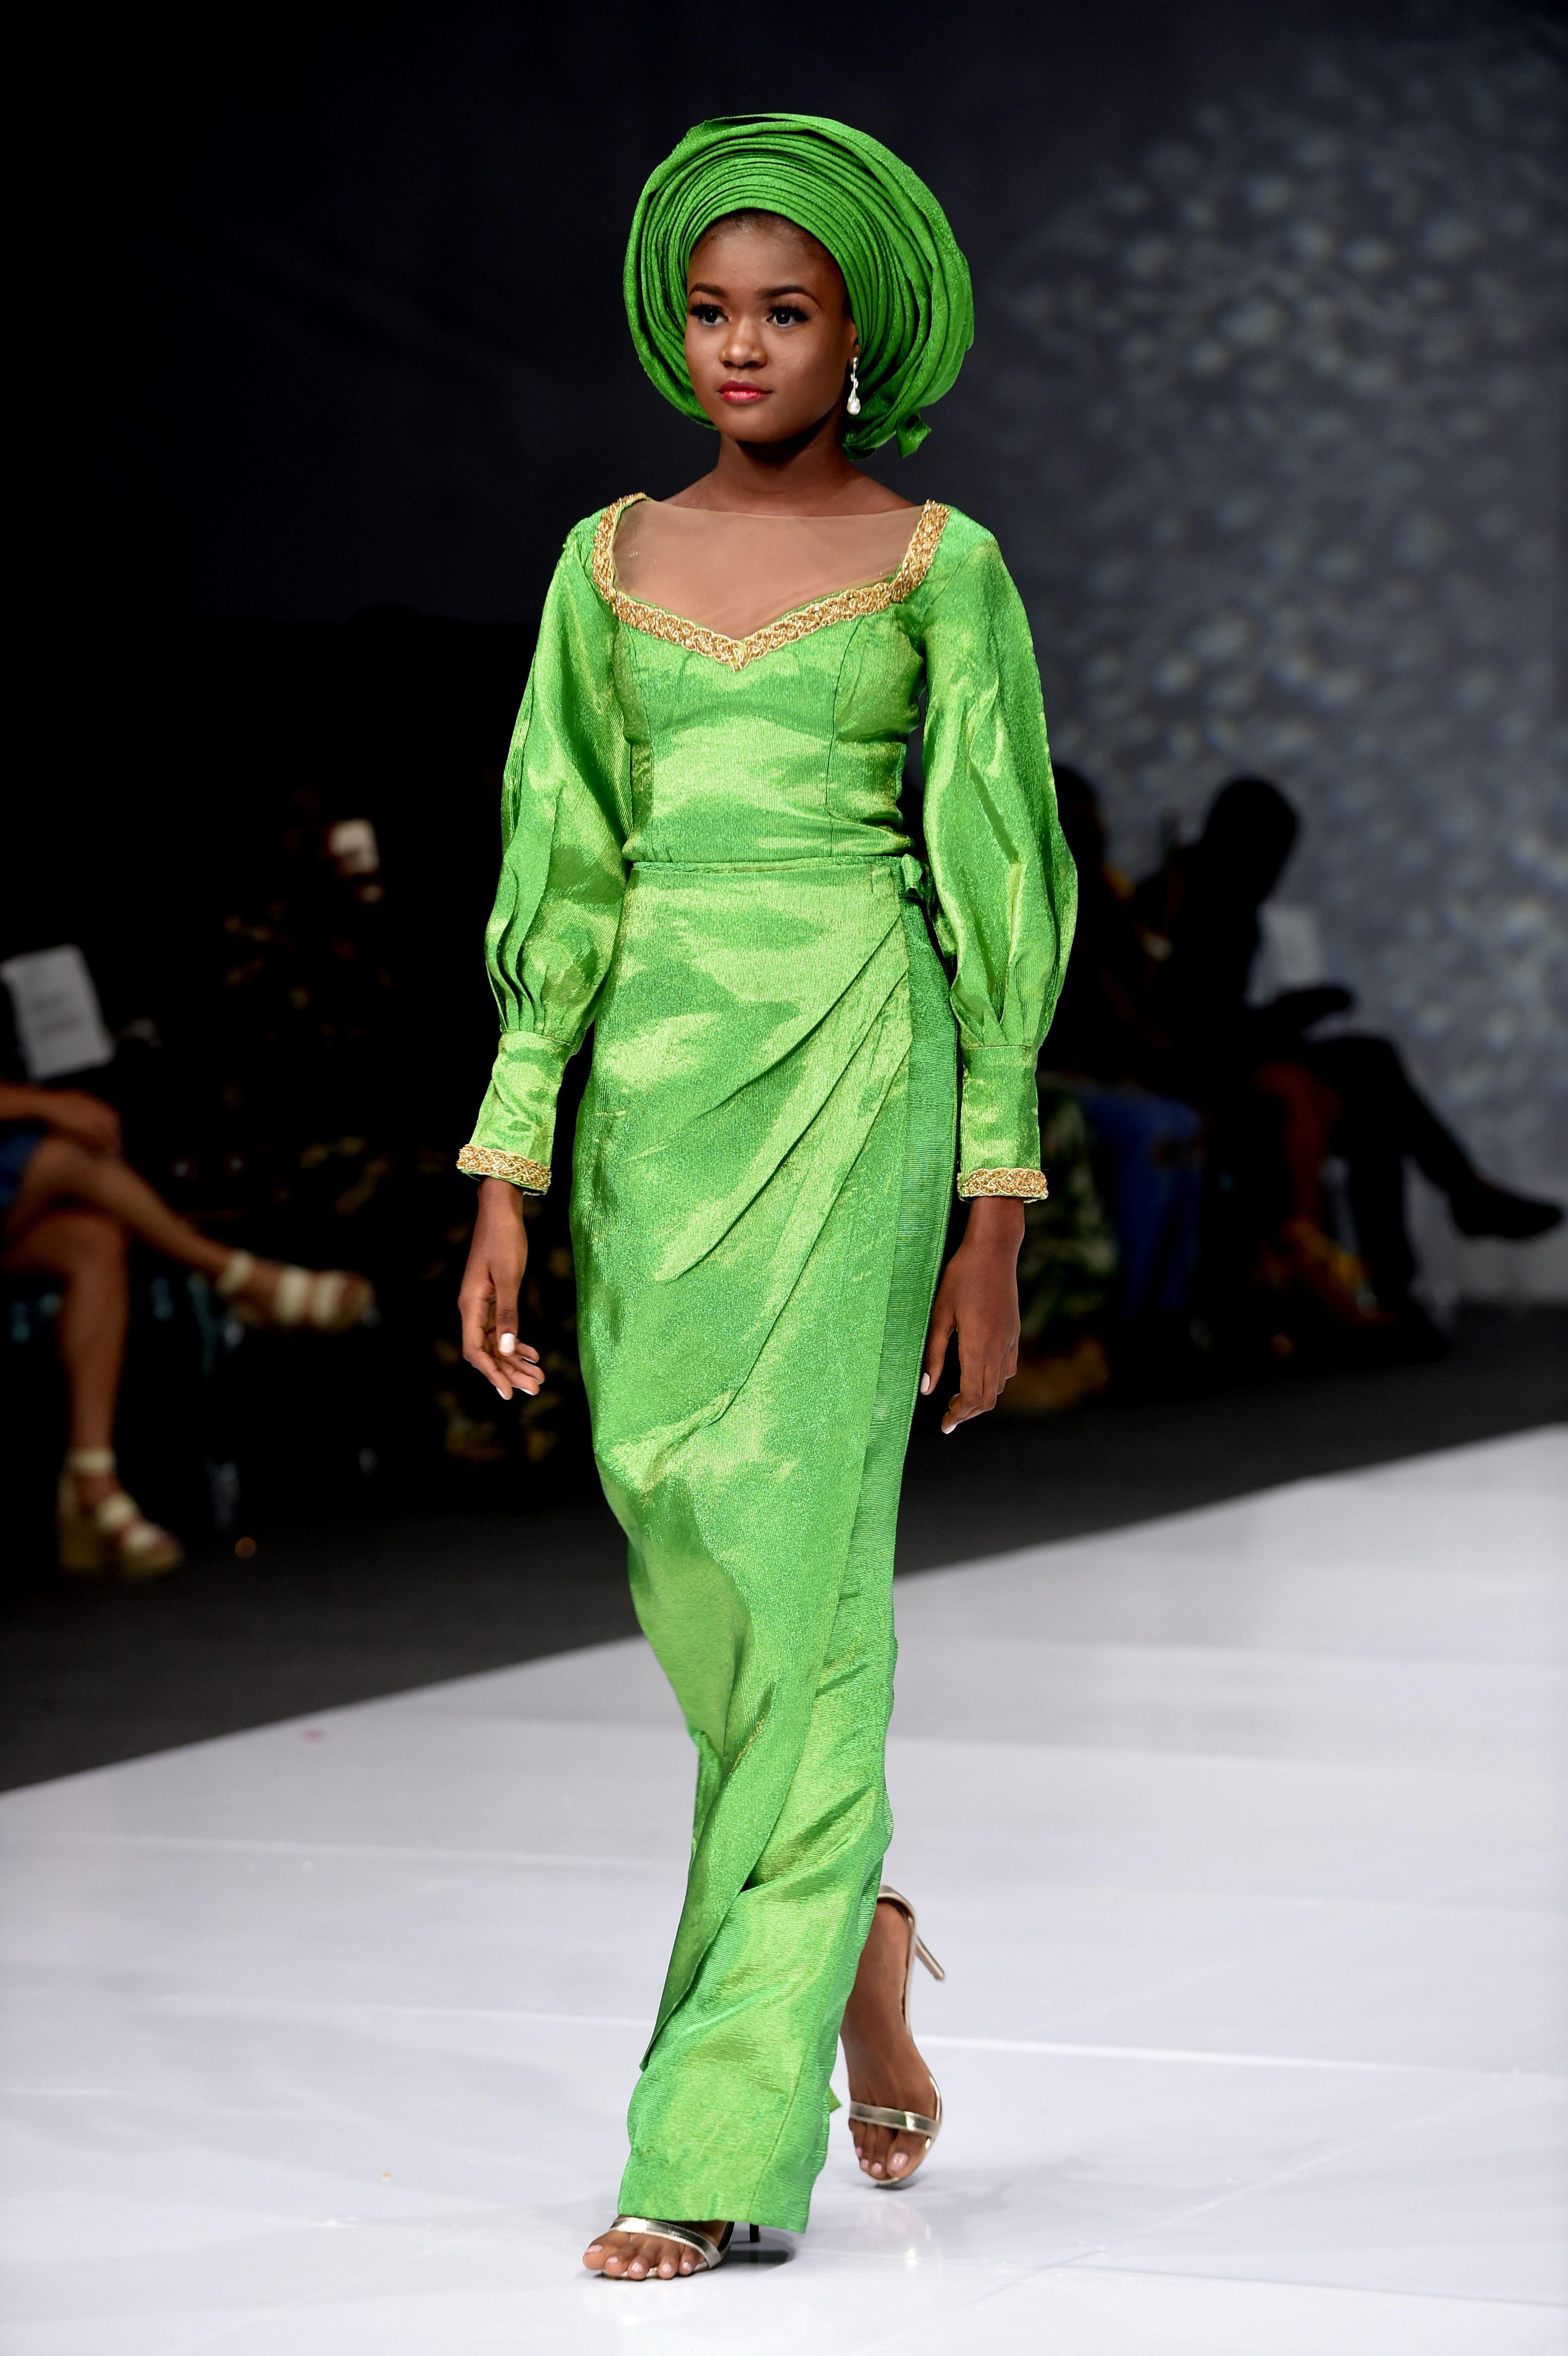 موضة فساتين الزفاف بأسبوع الموضة للعرائس فى نيجيريا